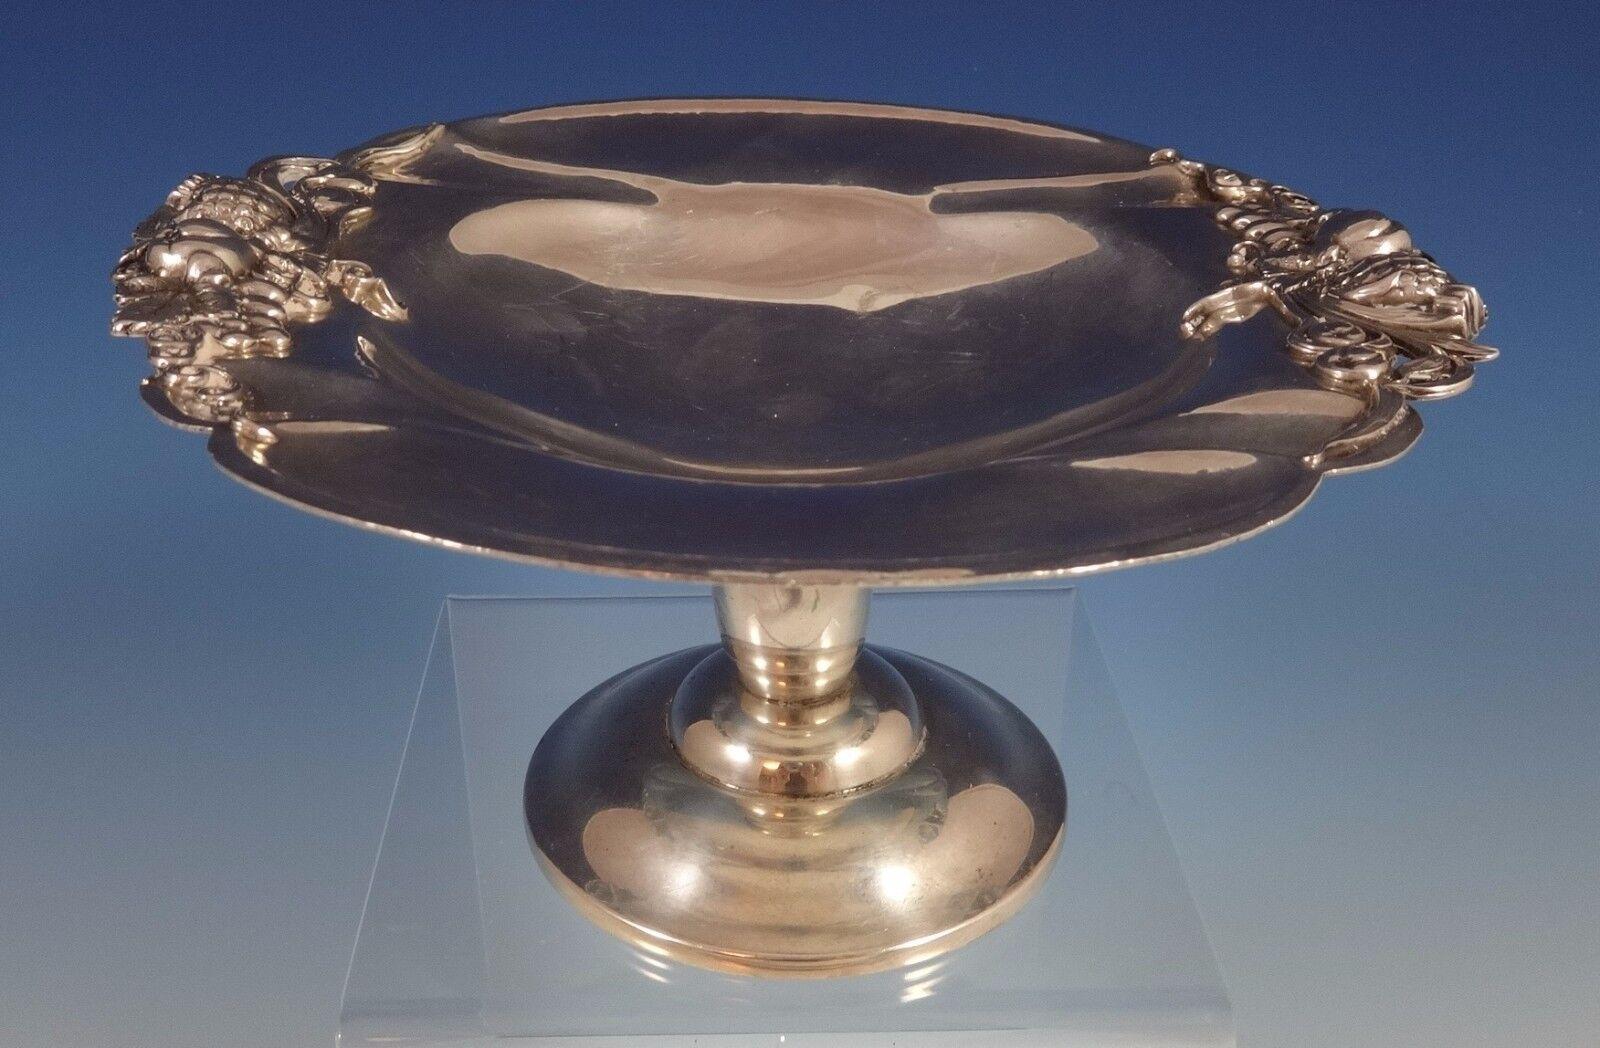 Watson Argent Sterling Arts et Artisanat Compote V35 19.1cm Diamètre (0859)